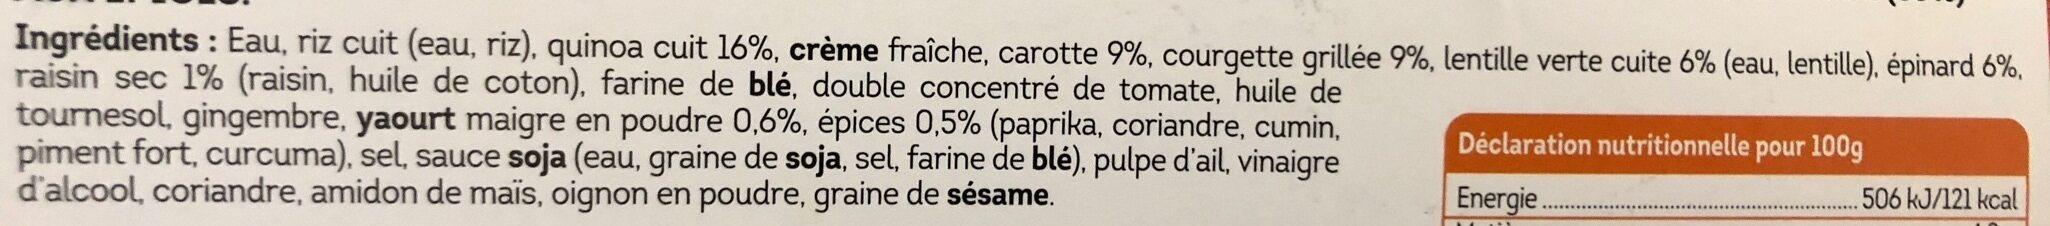 Tikka masala aux légumes, mélange de riz, quinoa et lentilles - Ingrédients - fr